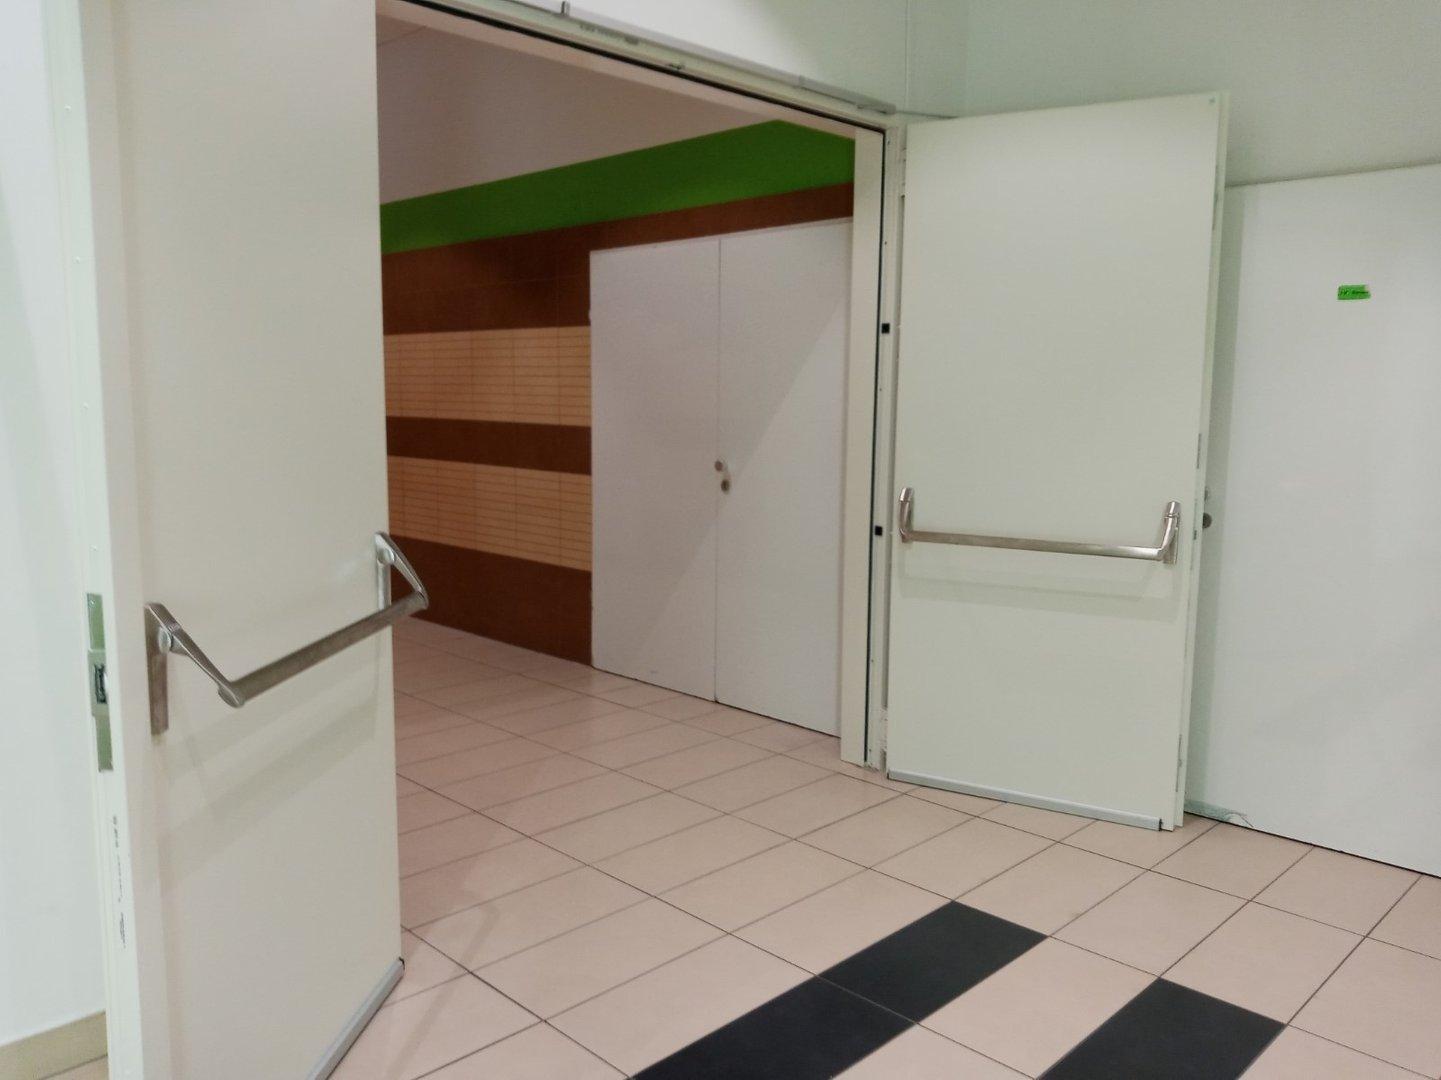 Disconnecting door